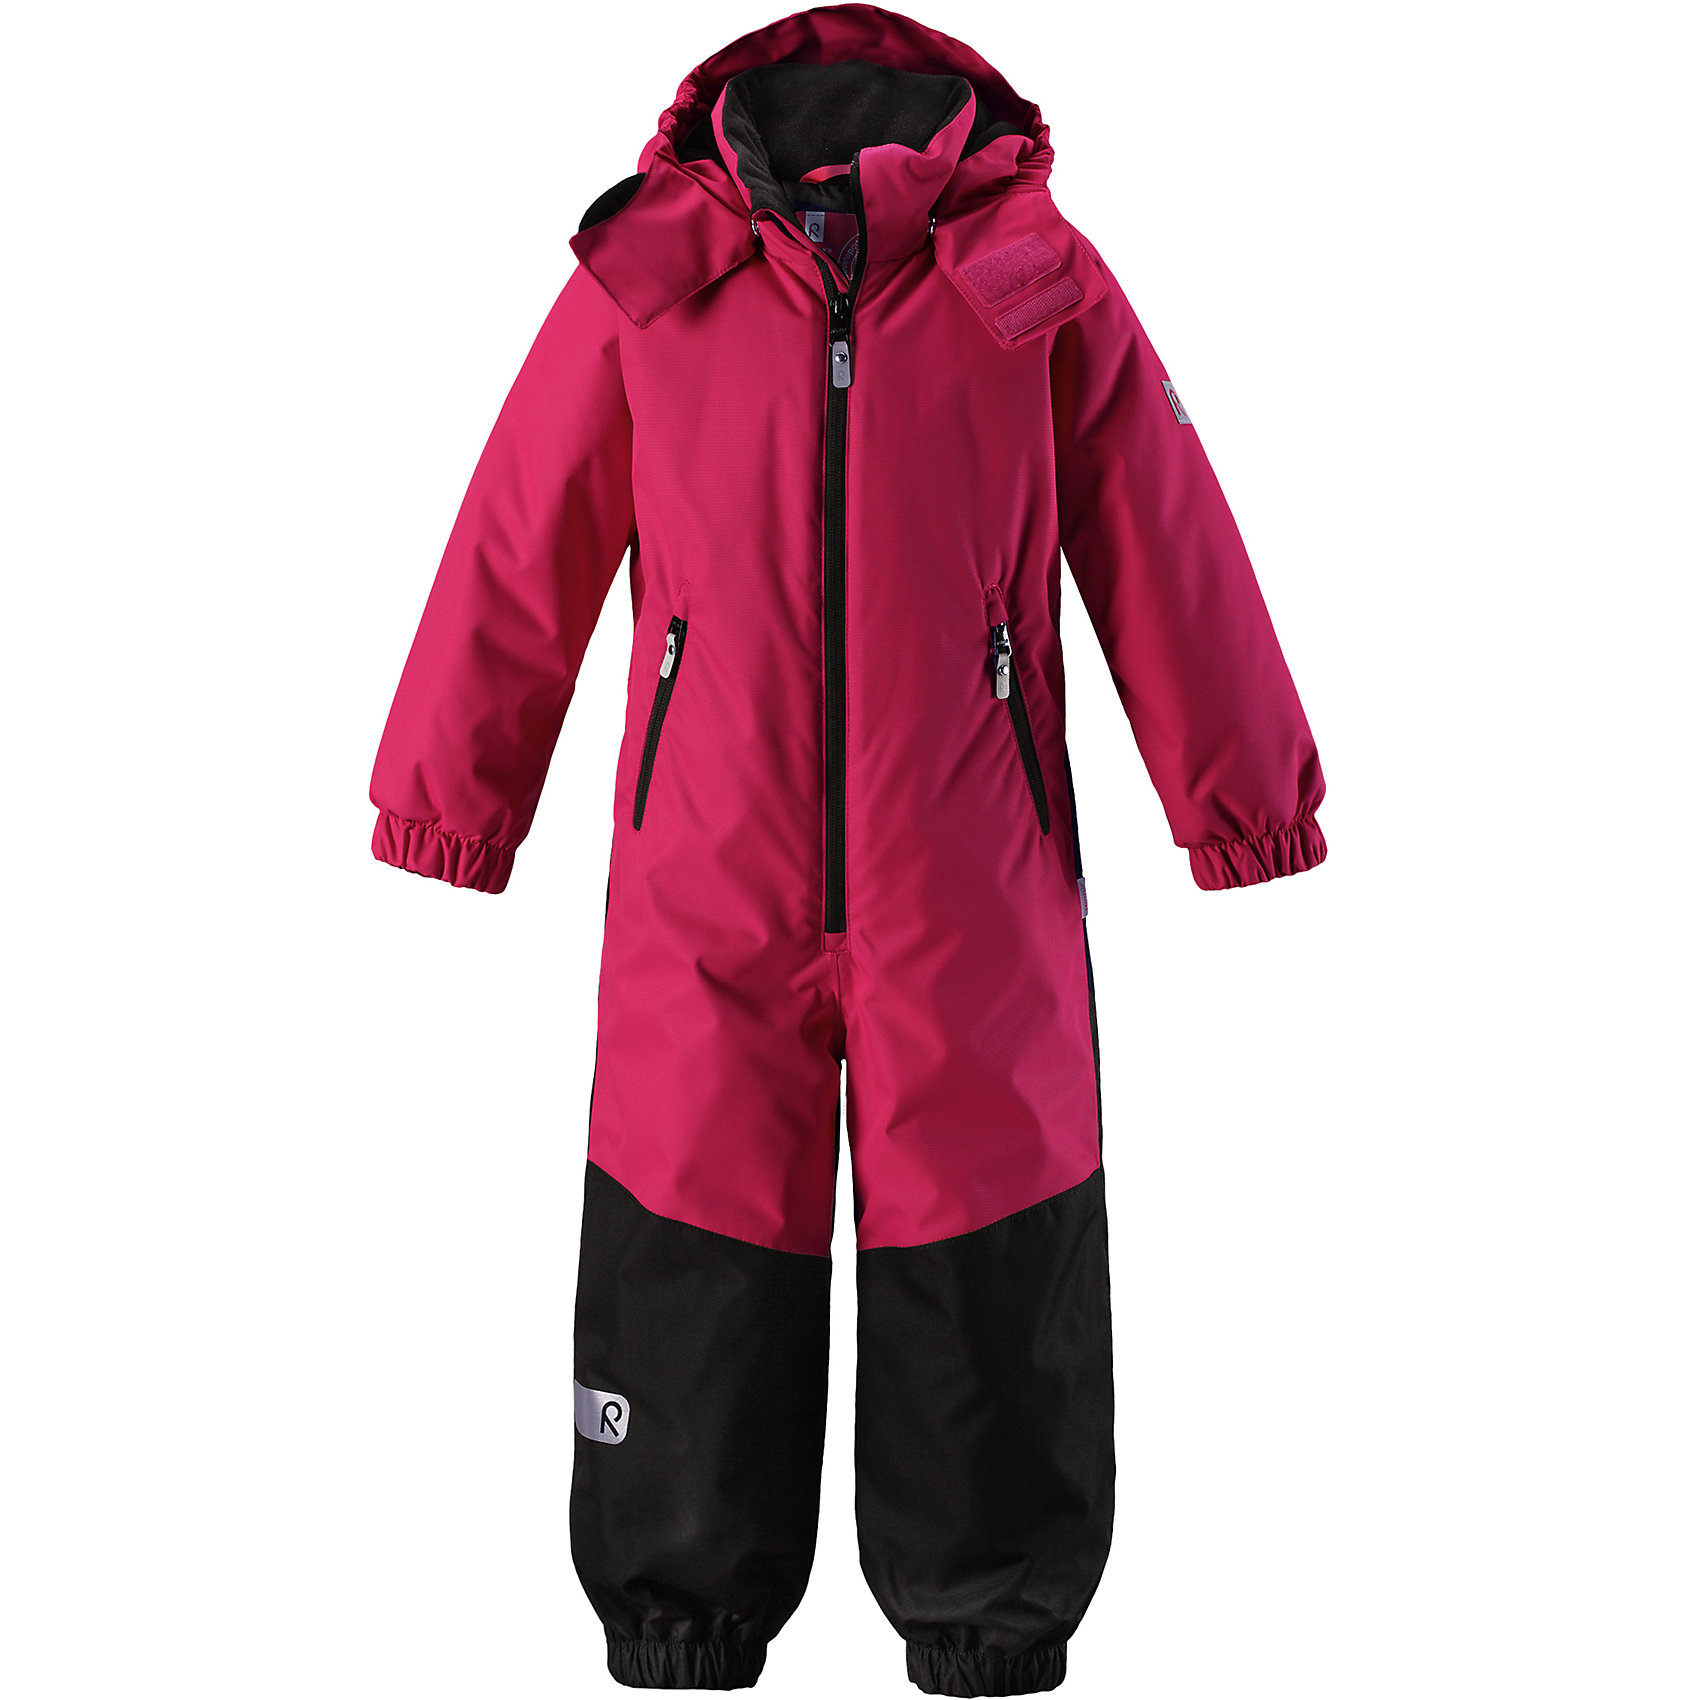 Комбинезон Reima ReissuВерхняя одежда<br>Характеристики товара:<br><br>• цвет: розовый;<br>• состав: 100% полиэстер;<br>• подкладка: 100% полиэстер;<br>• утеплитель: 160 г/м2<br>• температурный режим: от 0 до -20С;<br>• сезон: зима; <br>• водонепроницаемость: 5000 мм;<br>• воздухопроницаемость: 5000 мм;<br>• износостойкость: 30000 циклов (тест Мартиндейла);<br>• водо- и ветронепроницаемый, дышащий и грязеотталкивающий материал;<br>• прочные усиленные вставки внизу, на коленях и снизу на ногах;<br>• основные швы проклеены и не пропускают влагу;<br>• гладкая подкладка из полиэстера;<br>• эластичные манжеты;<br>• застежка: молния с защитой подбородка;<br>• безопасный съемный капюшон на кнопках;<br>• внутренняя регулировка обхвата талии;<br>• регулируемая длина брюк с помощью кнопок;<br>• прочные съемные силиконовые штрипки;<br>• два кармана на молнии;<br>• светоотражающие детали;<br>• страна бренда: Финляндия;<br>• страна изготовитель: Китай.<br><br>Непромокаемый и прочный детский зимний комбинезон Reimatec® с проклеенными основными швами. Этот практичный комбинезон изготовлен из ветронепроницаемого и дышащего материала, поэтому вашему ребенку будет тепло и сухо, к тому же он не вспотеет. Комбинезон снабжен гладкой подкладкой из полиэстера. <br><br>В этом комбинезоне прямого кроя талия при необходимости легко регулируется изнутри, что позволяет подогнать комбинезон точно по фигуре. А еще он снабжен эластичными манжетами. Съемный капюшон защищает от пронизывающего ветра, а еще он безопасен во время игр на свежем воздухе. Кнопки легко отстегиваются, если капюшон случайно за что-нибудь зацепится. Этот практичный комбинезон снабжен съемными штрипками и двумя карманами на молнии. Светоотражающие детали довершают образ.<br><br>Комбинезон Reissu Reima от финского бренда Reima (Рейма) можно купить в нашем интернет-магазине.<br><br>Ширина мм: 356<br>Глубина мм: 10<br>Высота мм: 245<br>Вес г: 519<br>Цвет: розовый<br>Возраст от месяцев: 108<br>Возраст до месяцев: 120<br>Пол: Унис